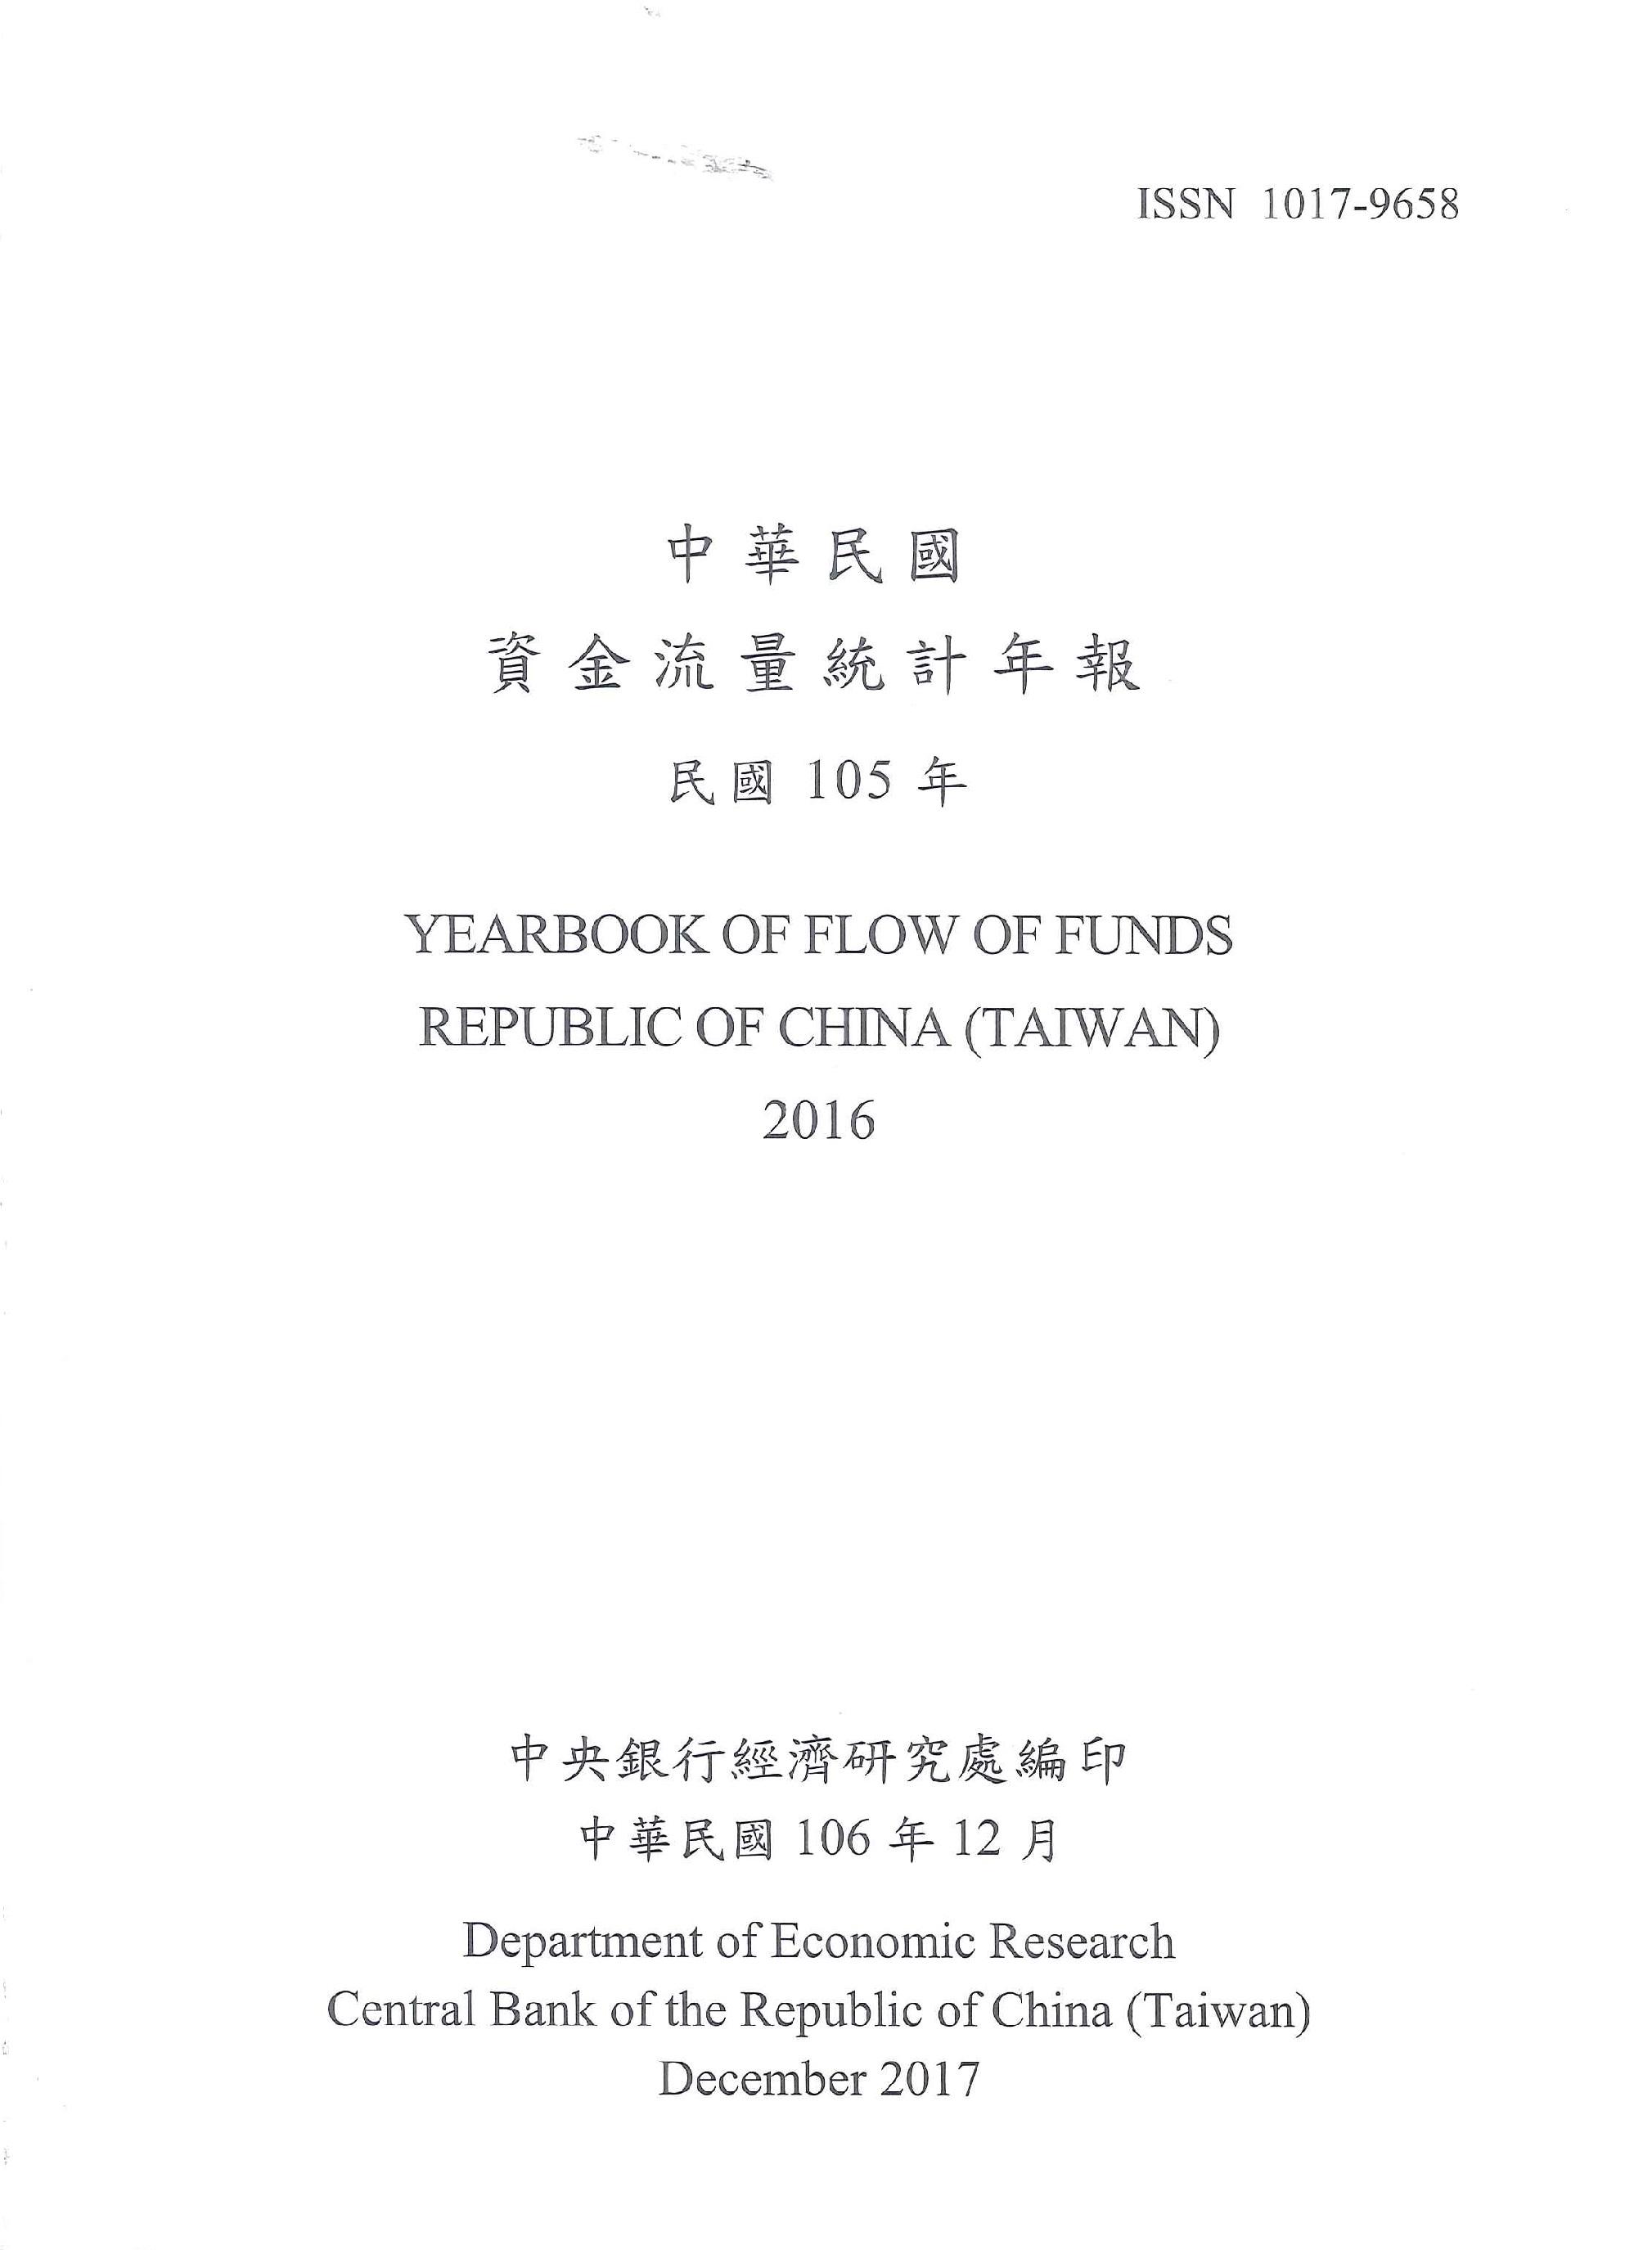 中華民國資金流量統計年報=Yearbook of flow of funds Republic of China (Taiwan)